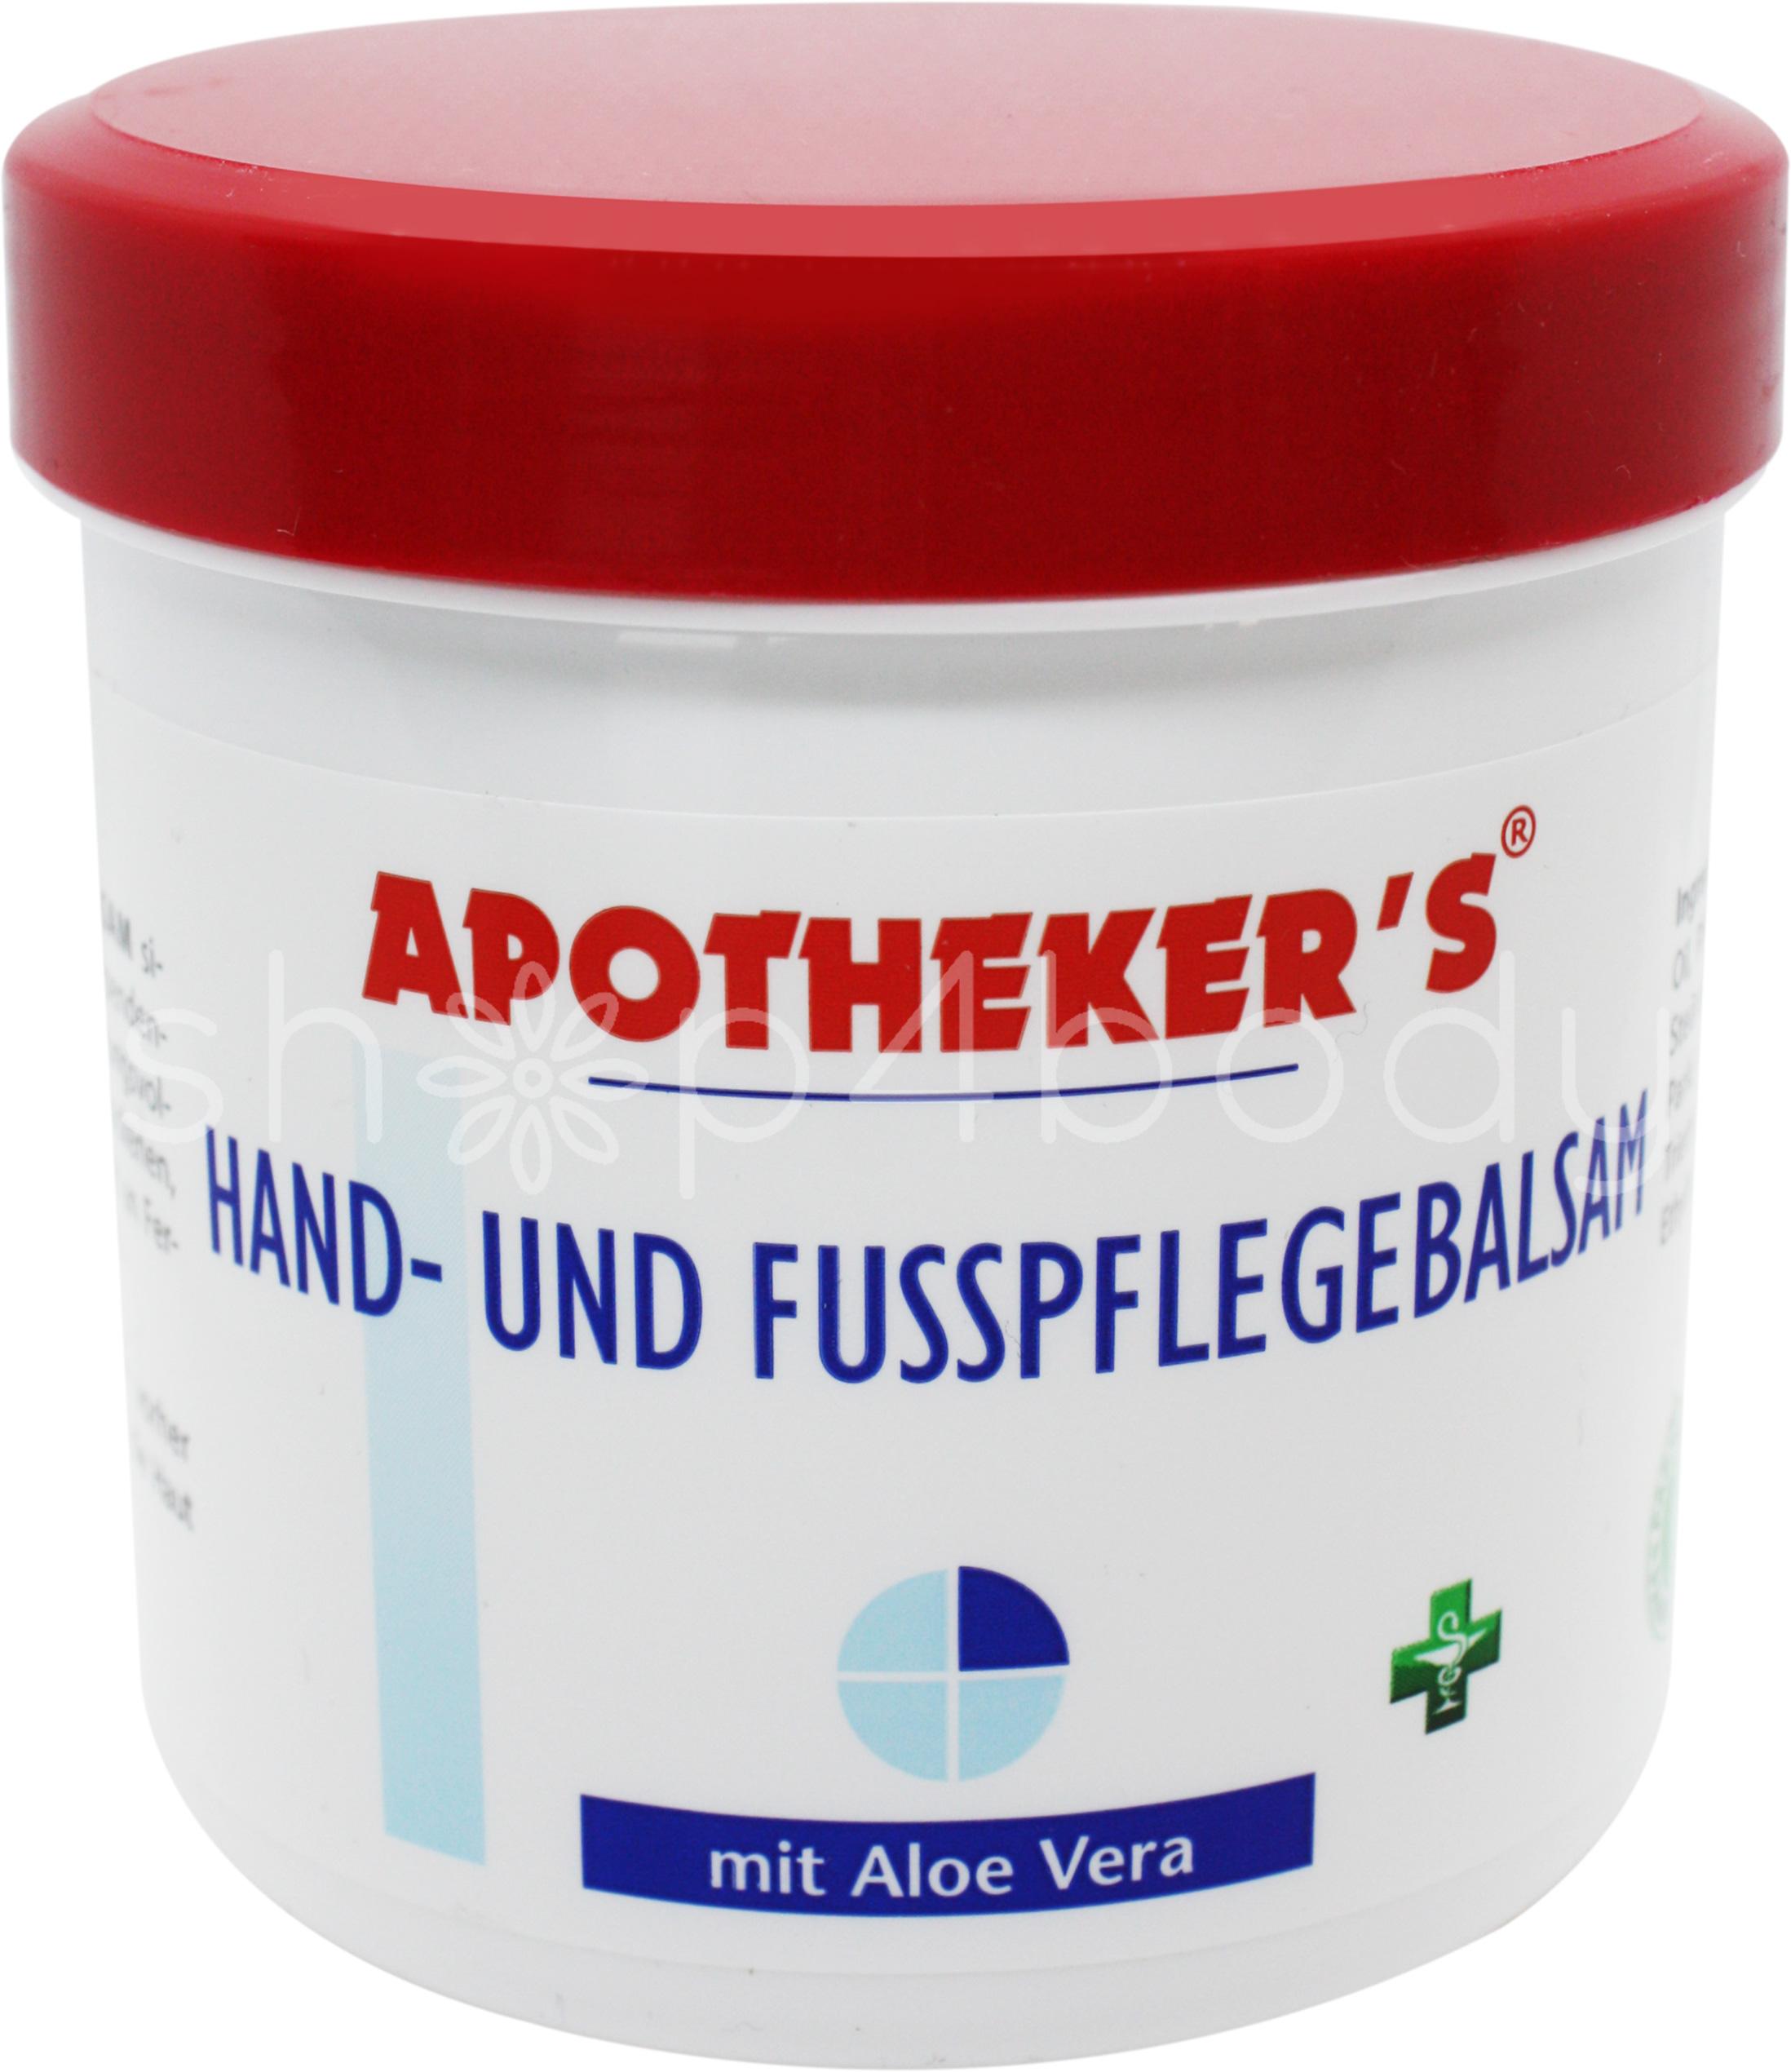 haand-og-fodbalsam-med-aloe-vera-250-ml-.jpg